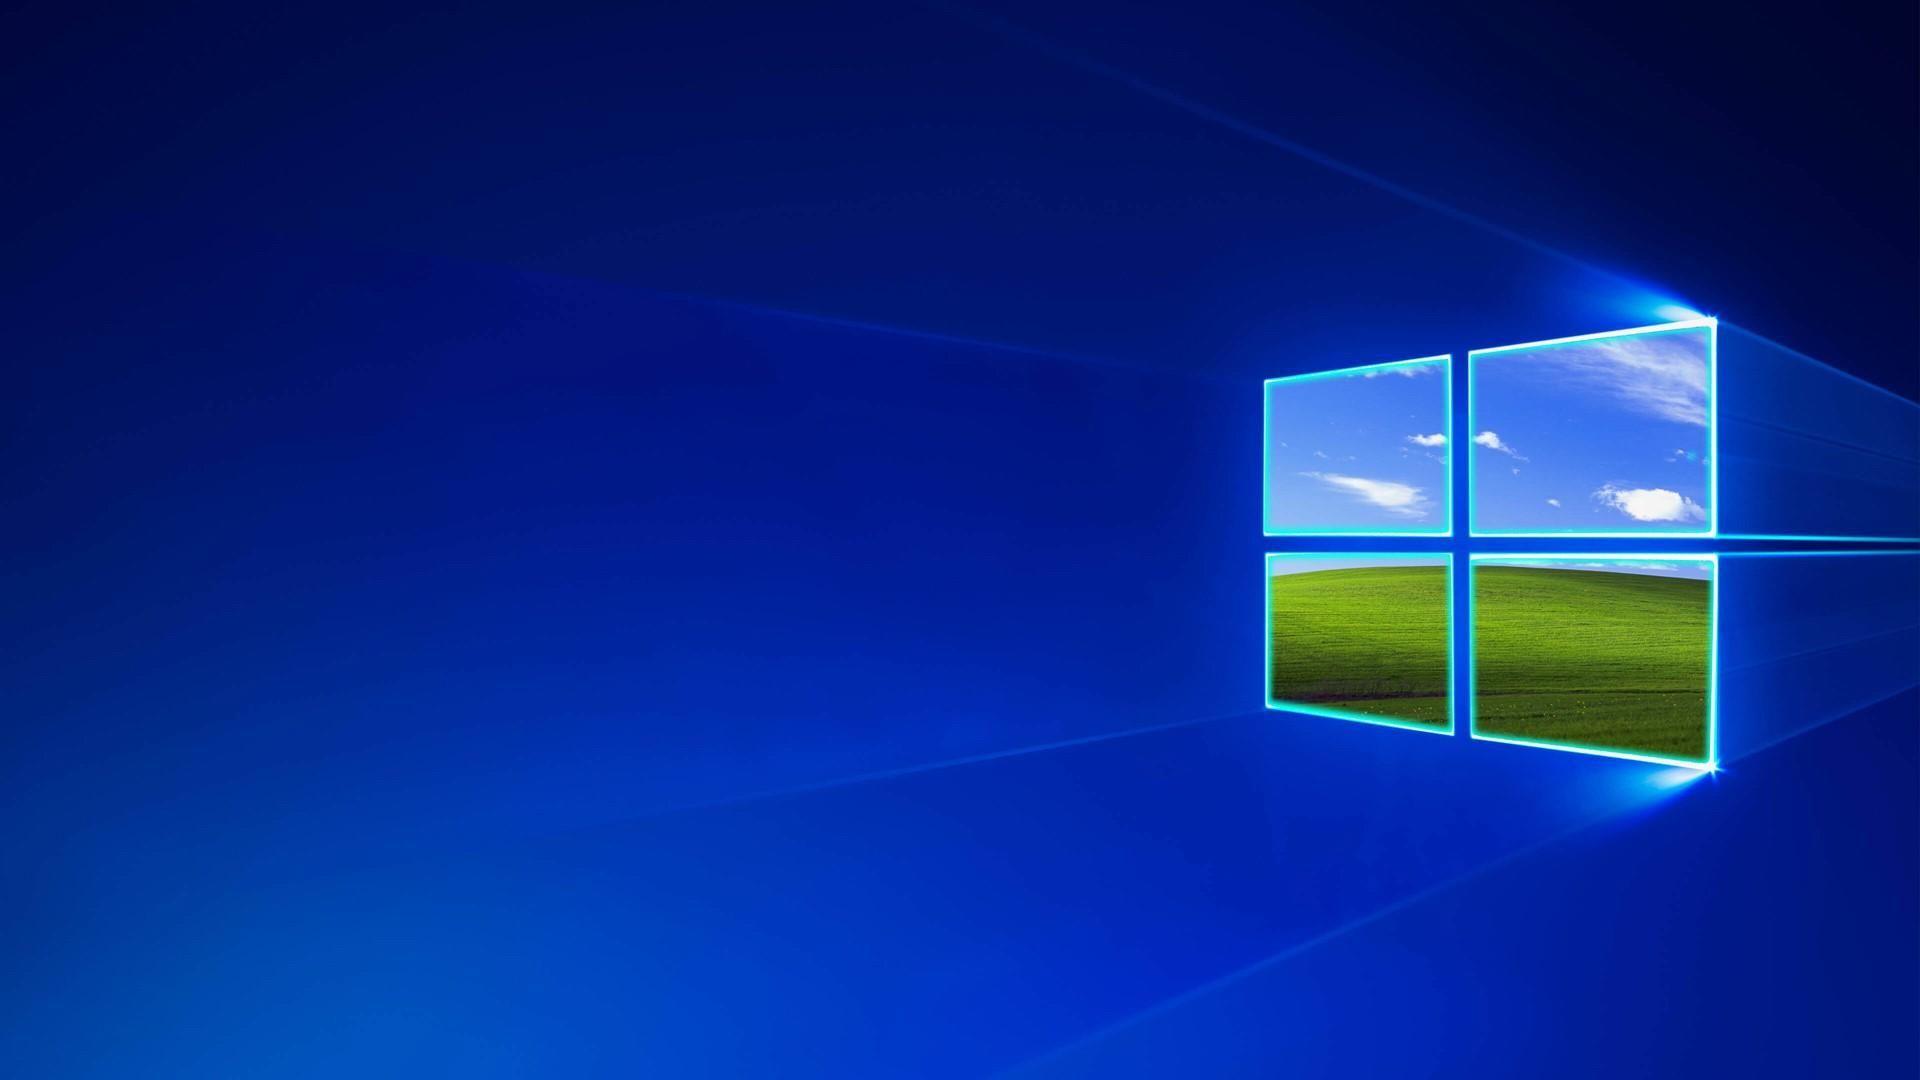 Windows 10 Bliss 1920x1080 Windows Desktop Wallpaper Windows Wallpaper Wallpaper Windows 10